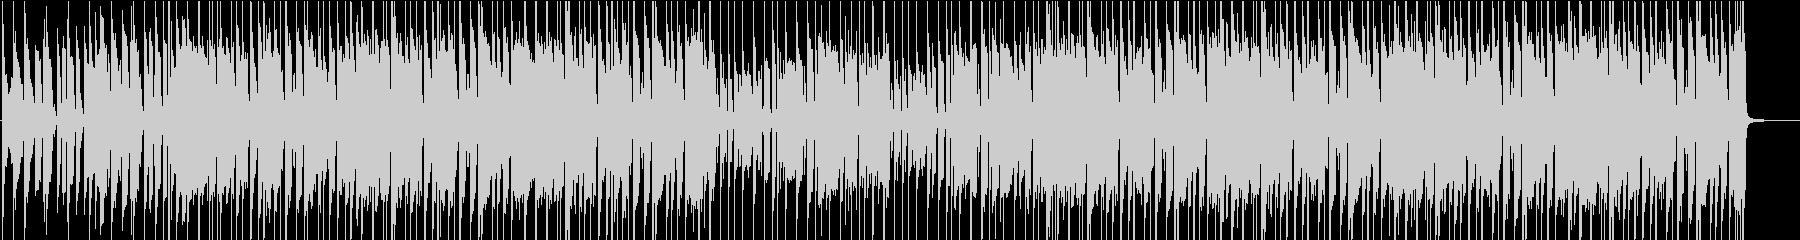 Jackson5風 POPでHAPPYなの未再生の波形